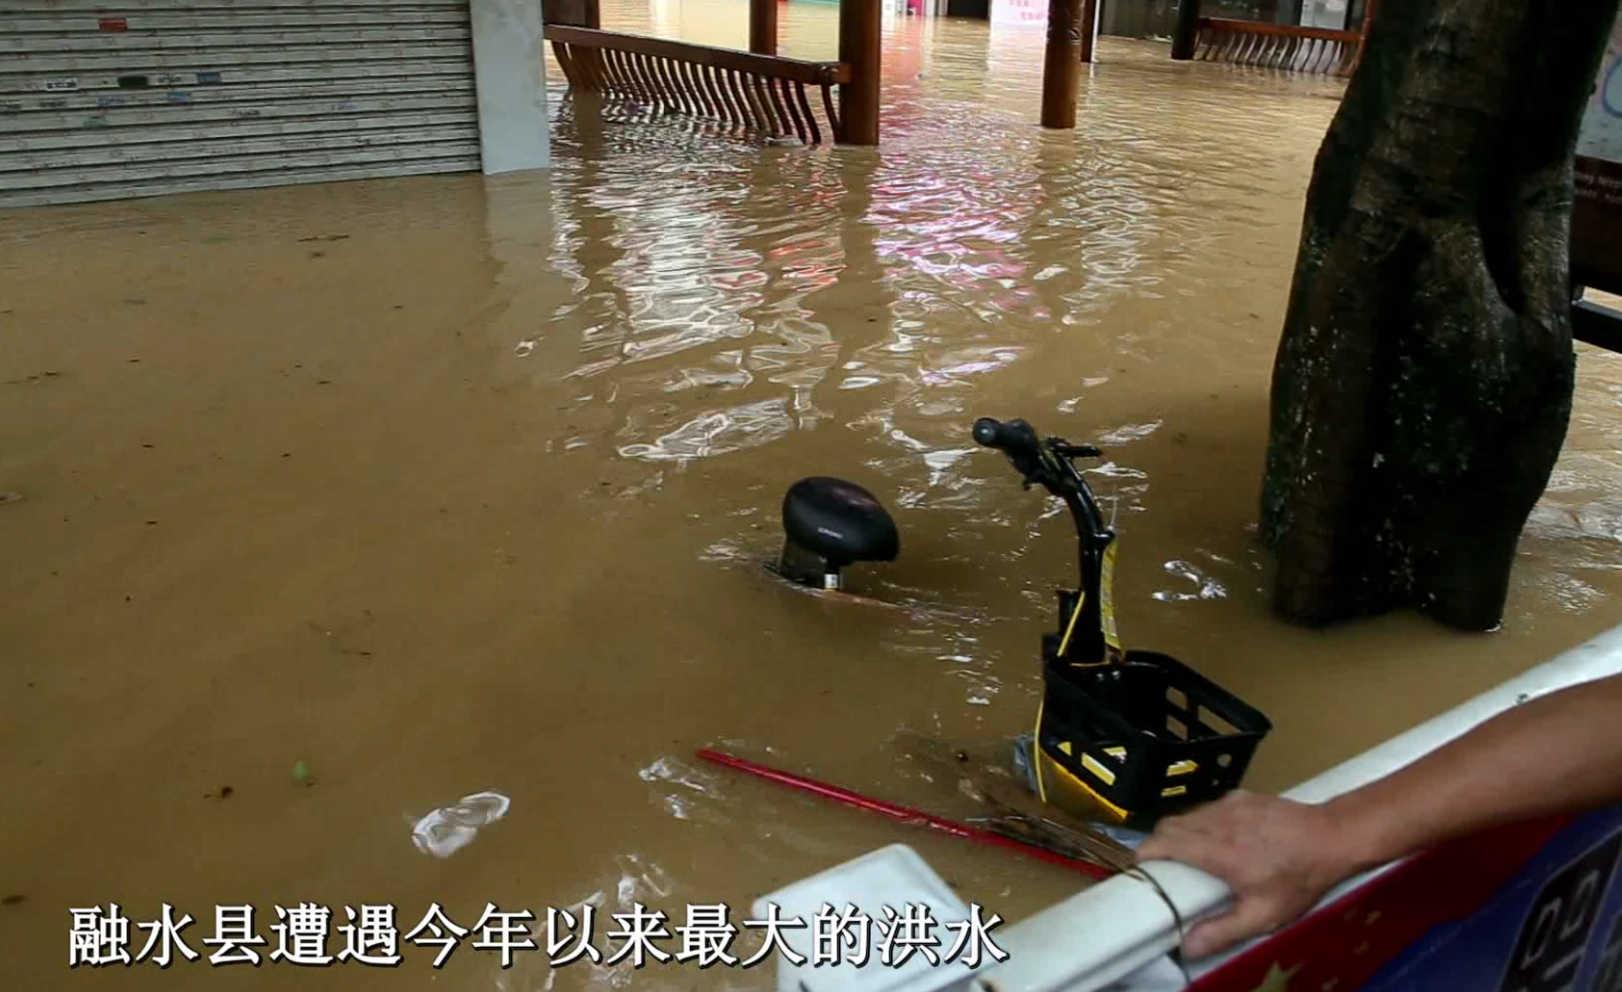 【视频】融水遭遇超警5米洪水街道成泽国 气象信息助民众及时转移